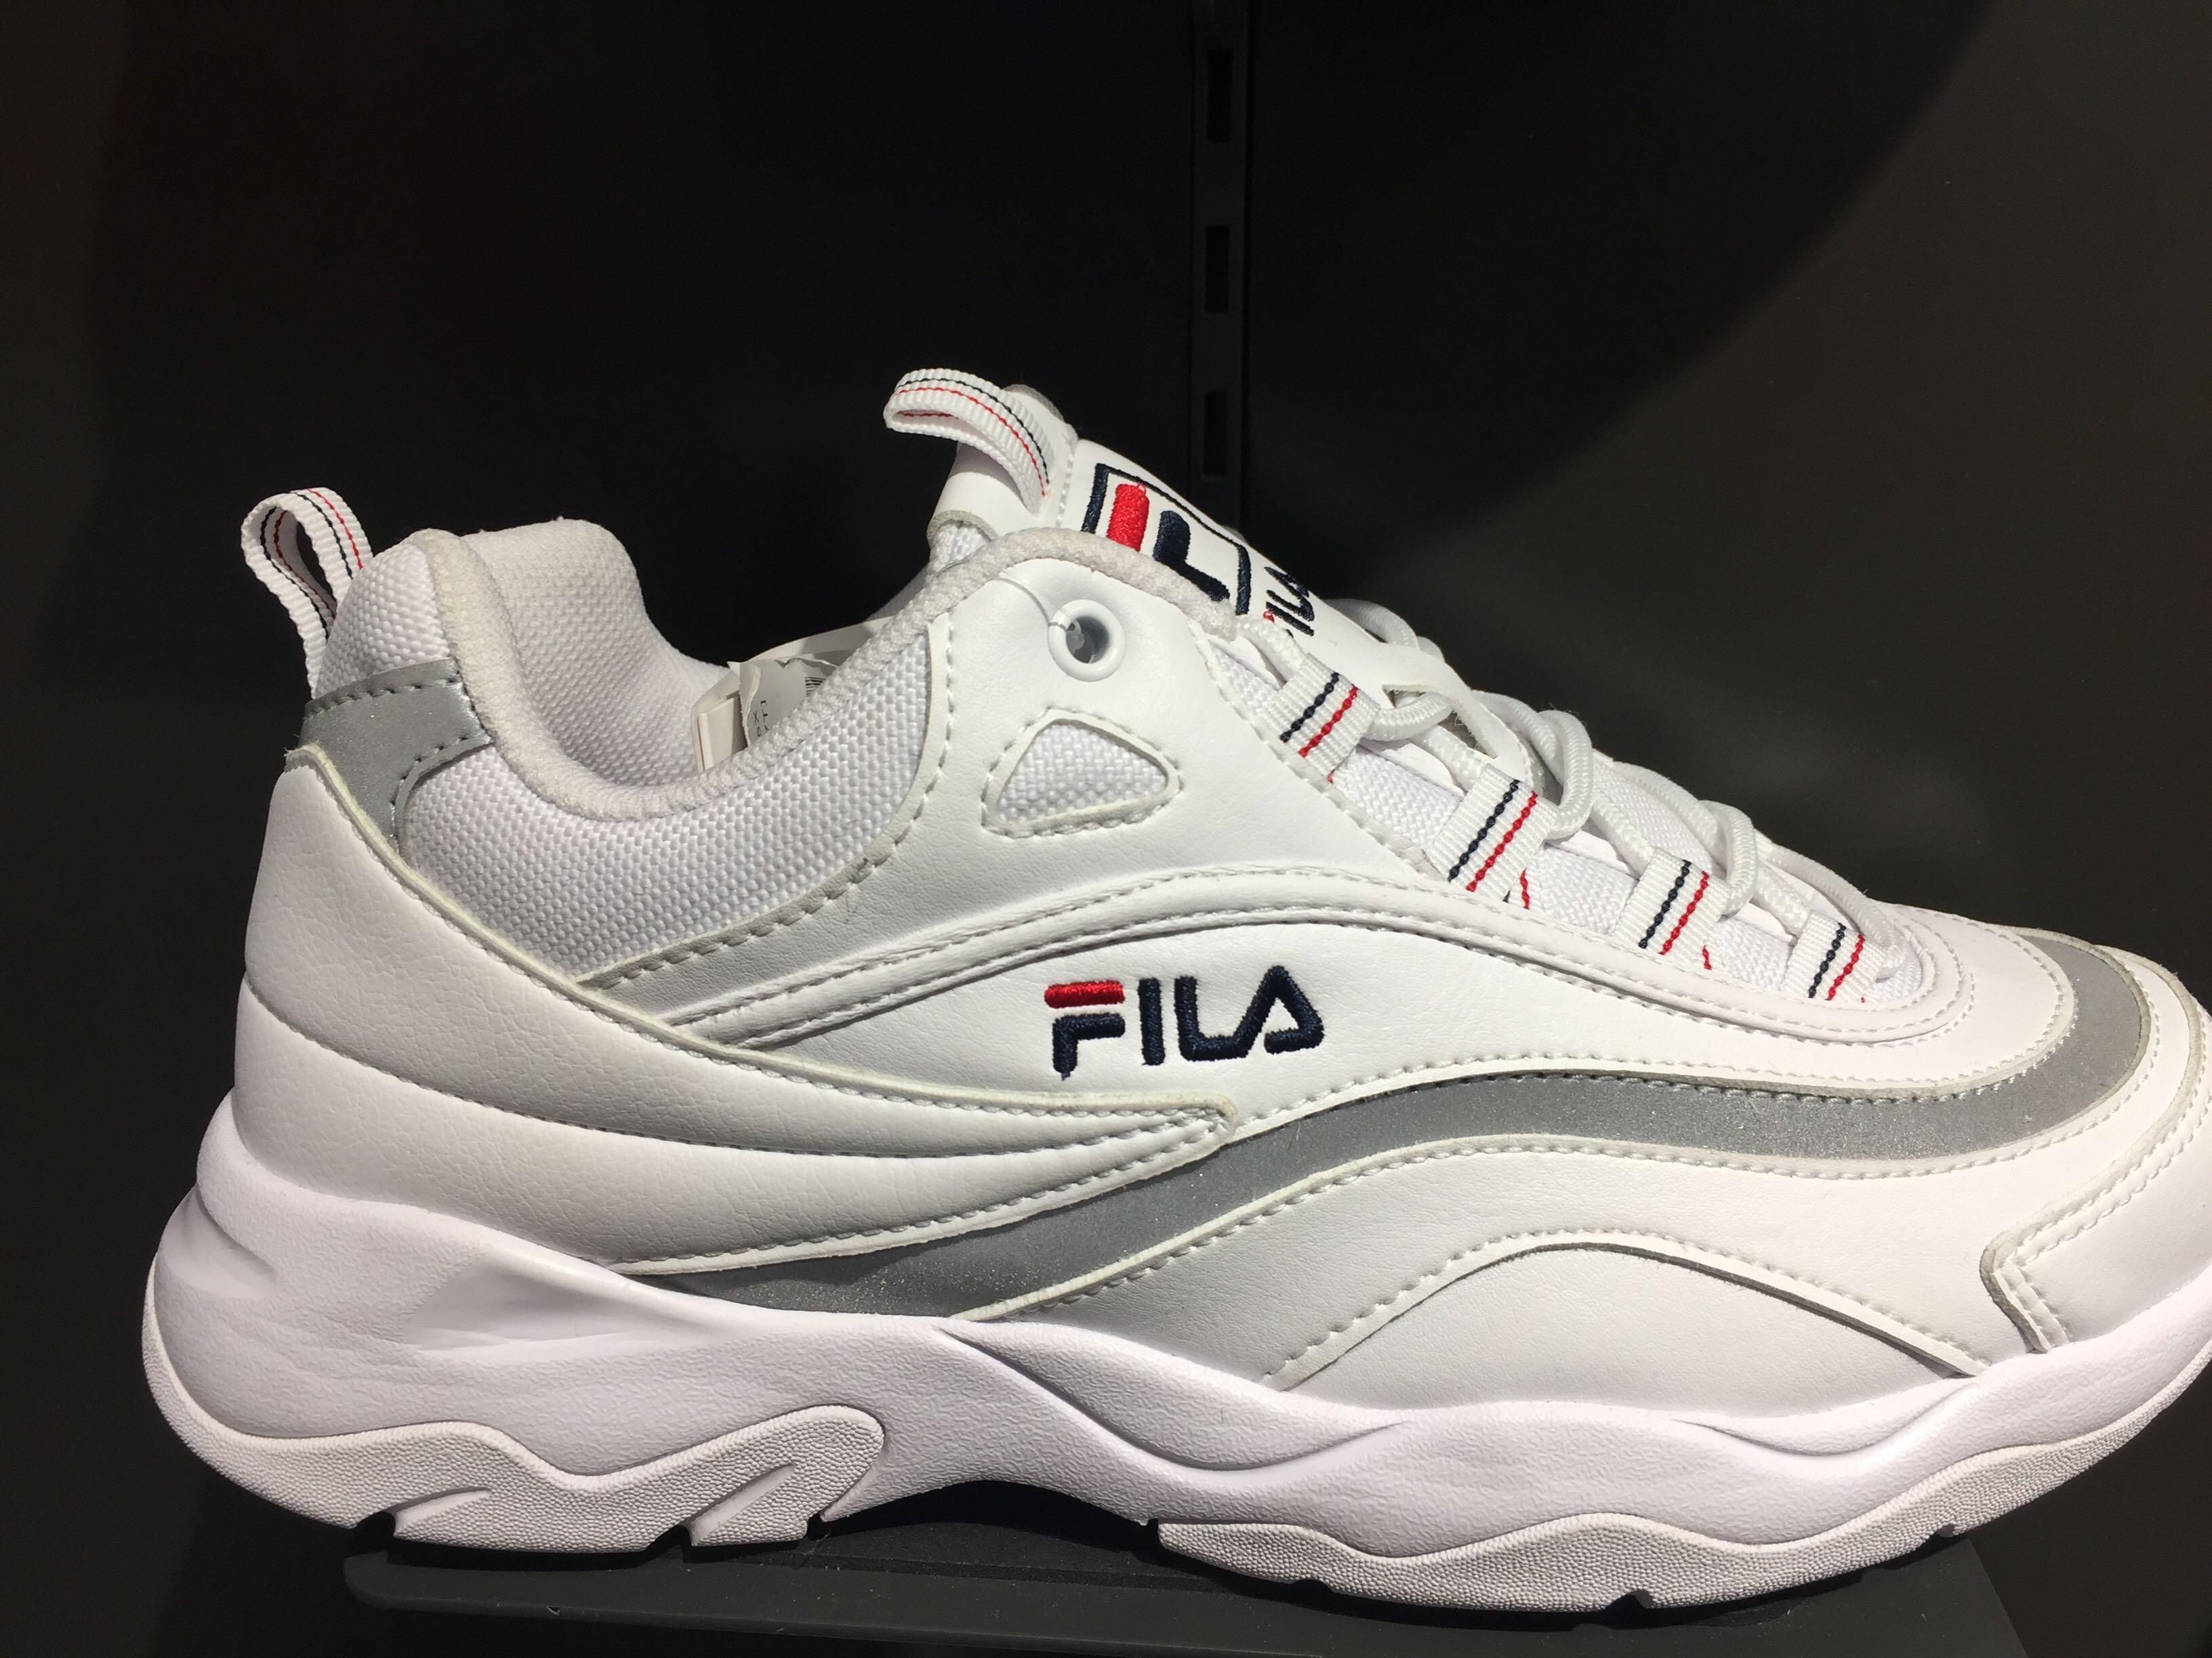 Fila ray shoes grey, Women's Fashion